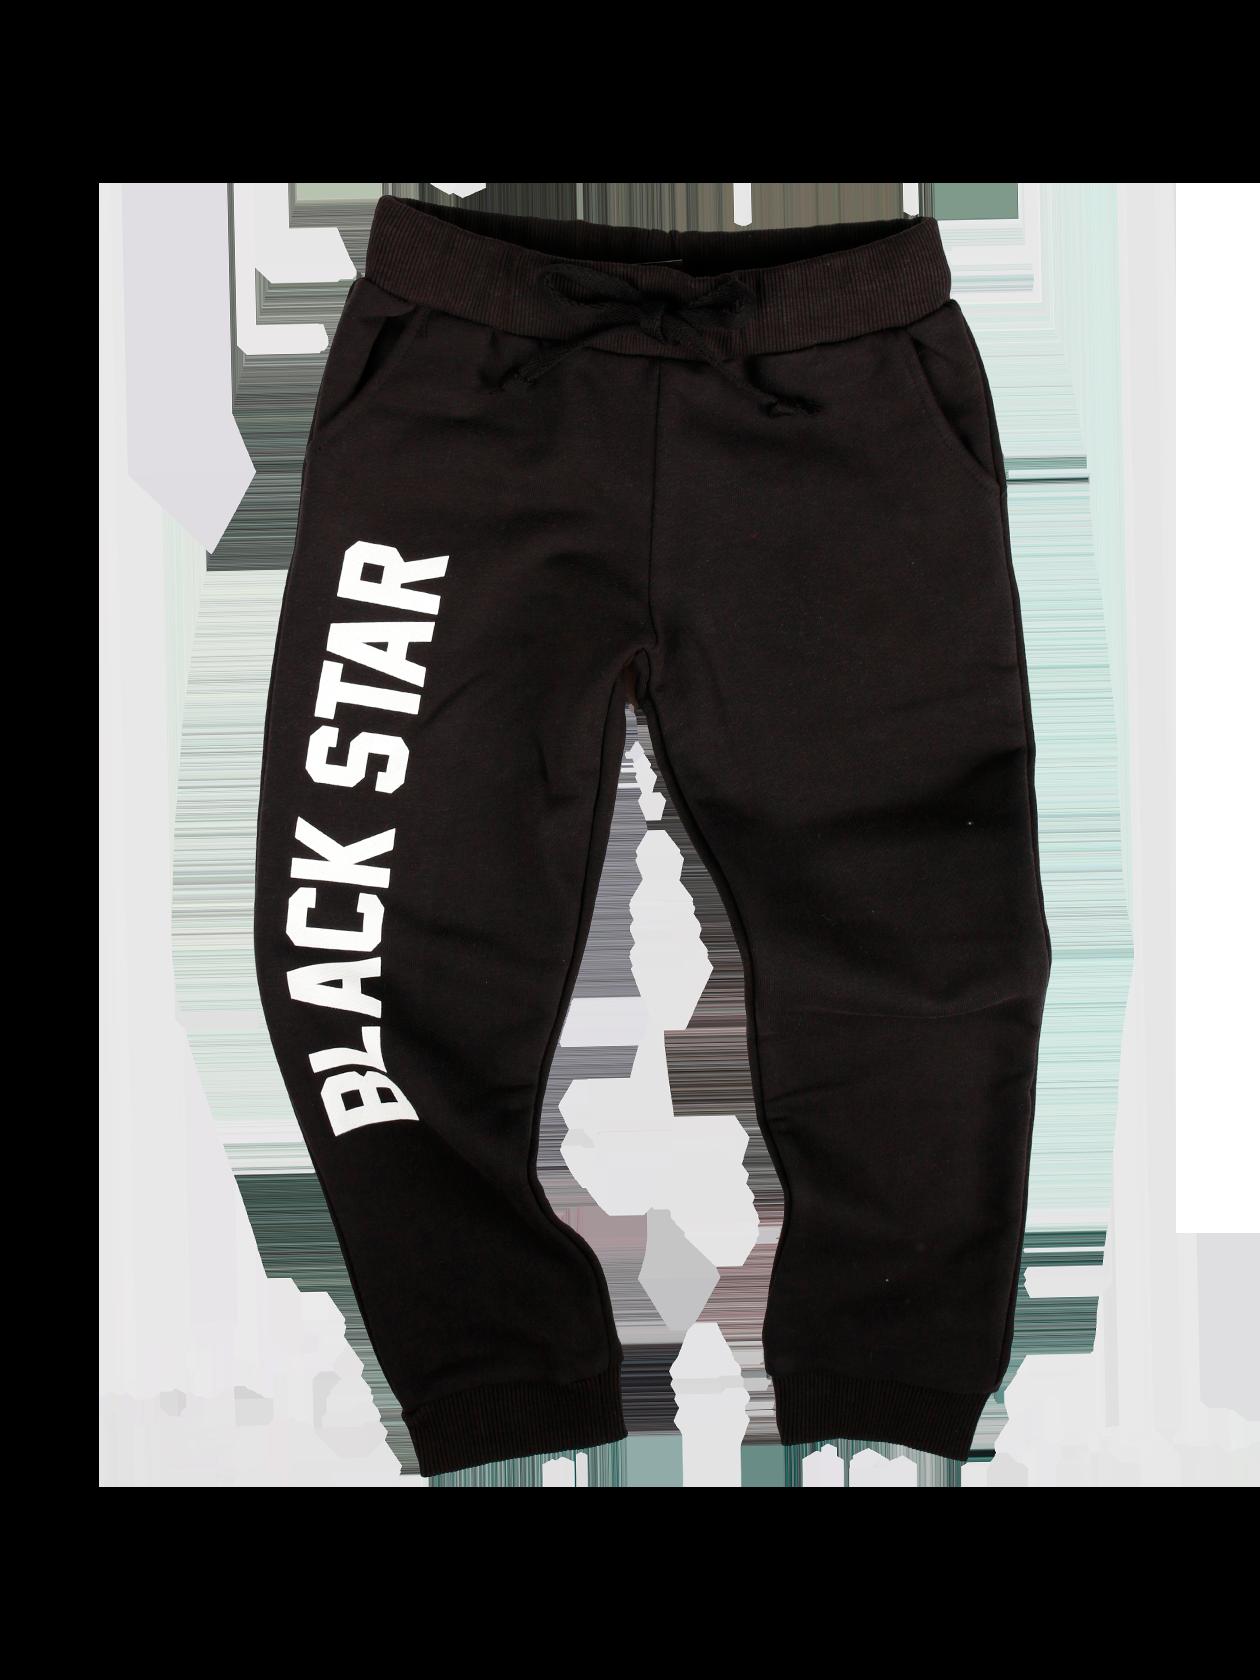 Kids trousers BIG PRINTДетские брюки BIG PRINT в черной расцветке – отличный выбор на каждый день. Премиальный хлопок, используемый при изготовлении модели, хорошо сохраняет вид после многочисленных стирок. Лаконичный свободный крой, прямой силуэт, сужающийся к низу, боковые внутренние карманы. Джоггеры имеют небольшой припуск, широкий пояс на резинке с завязками и эластичные вставки на щиколотках обеспечивают оптимальную посадку вещи. На правой штанине стильный принт BLACK STAR.<br><br>size: 5-6 years<br>color: Black<br>gender: unisex